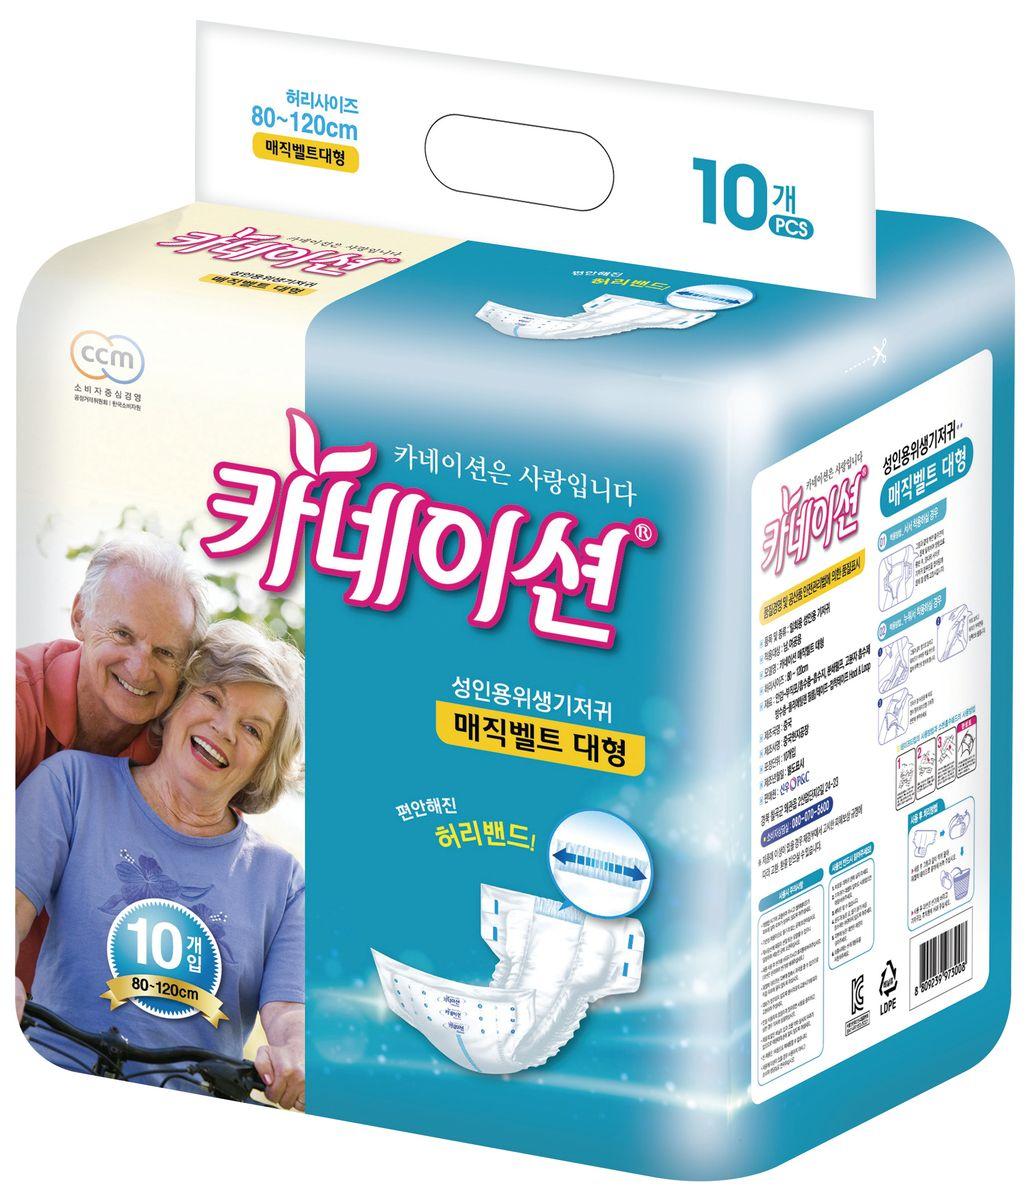 Carnation Подгузники для взрослых М 10 шт00-00001560Подгузники для взрослых Carnation оснащены липучками, что упрощает надевание. Такие подгузники подойдут для взрослых с недержанием или для ухода за лежачими больными. Обхват талии: от 80 до 120 см. Продукция Carnation производится для внутреннего рынка Южной Кореи и соответствует предъявляемым высоким стандартам качества Республики Корея.